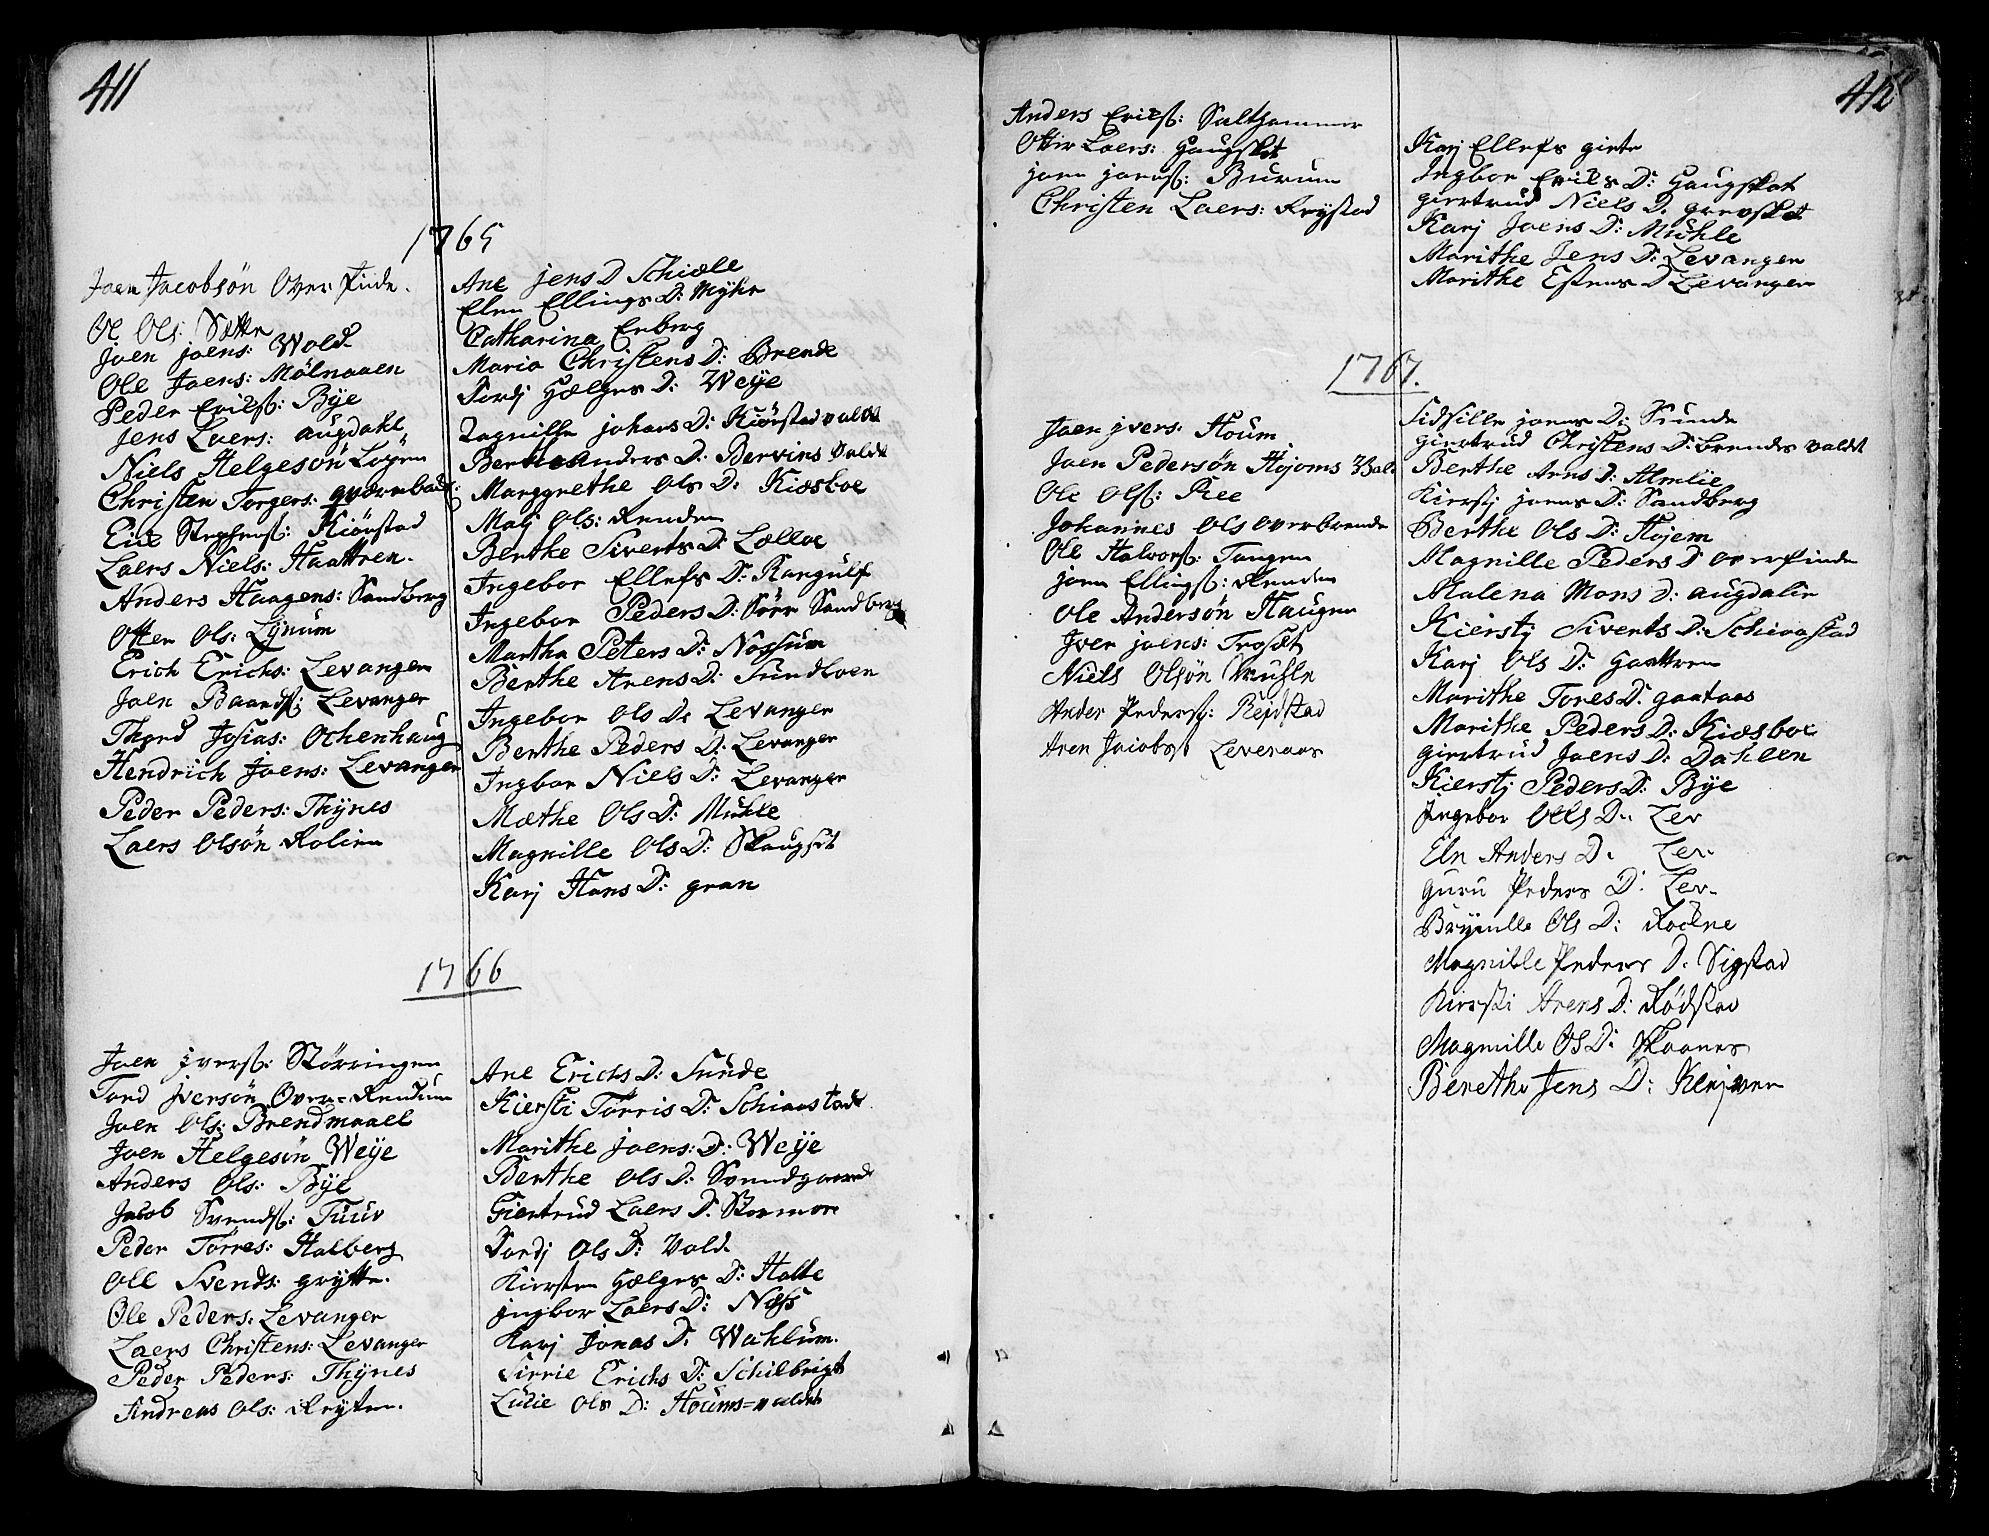 SAT, Ministerialprotokoller, klokkerbøker og fødselsregistre - Nord-Trøndelag, 717/L0141: Ministerialbok nr. 717A01, 1747-1803, s. 411-412